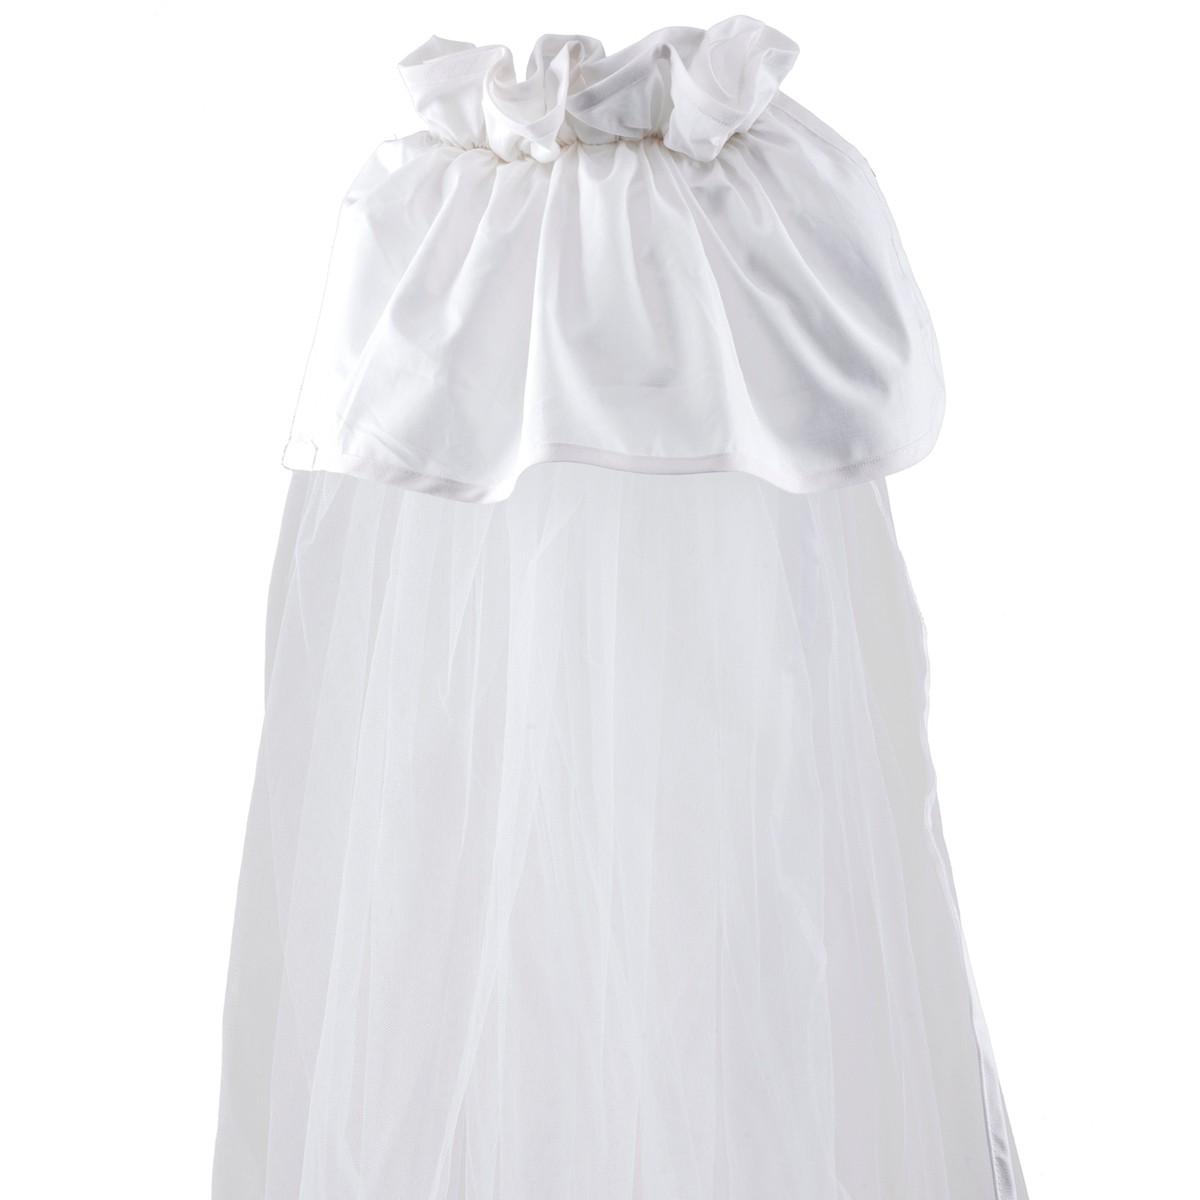 Κουνουπιέρα Κούνιας Κόσμος Του Μωρού Μονόχρωμη 0772 Λευκή